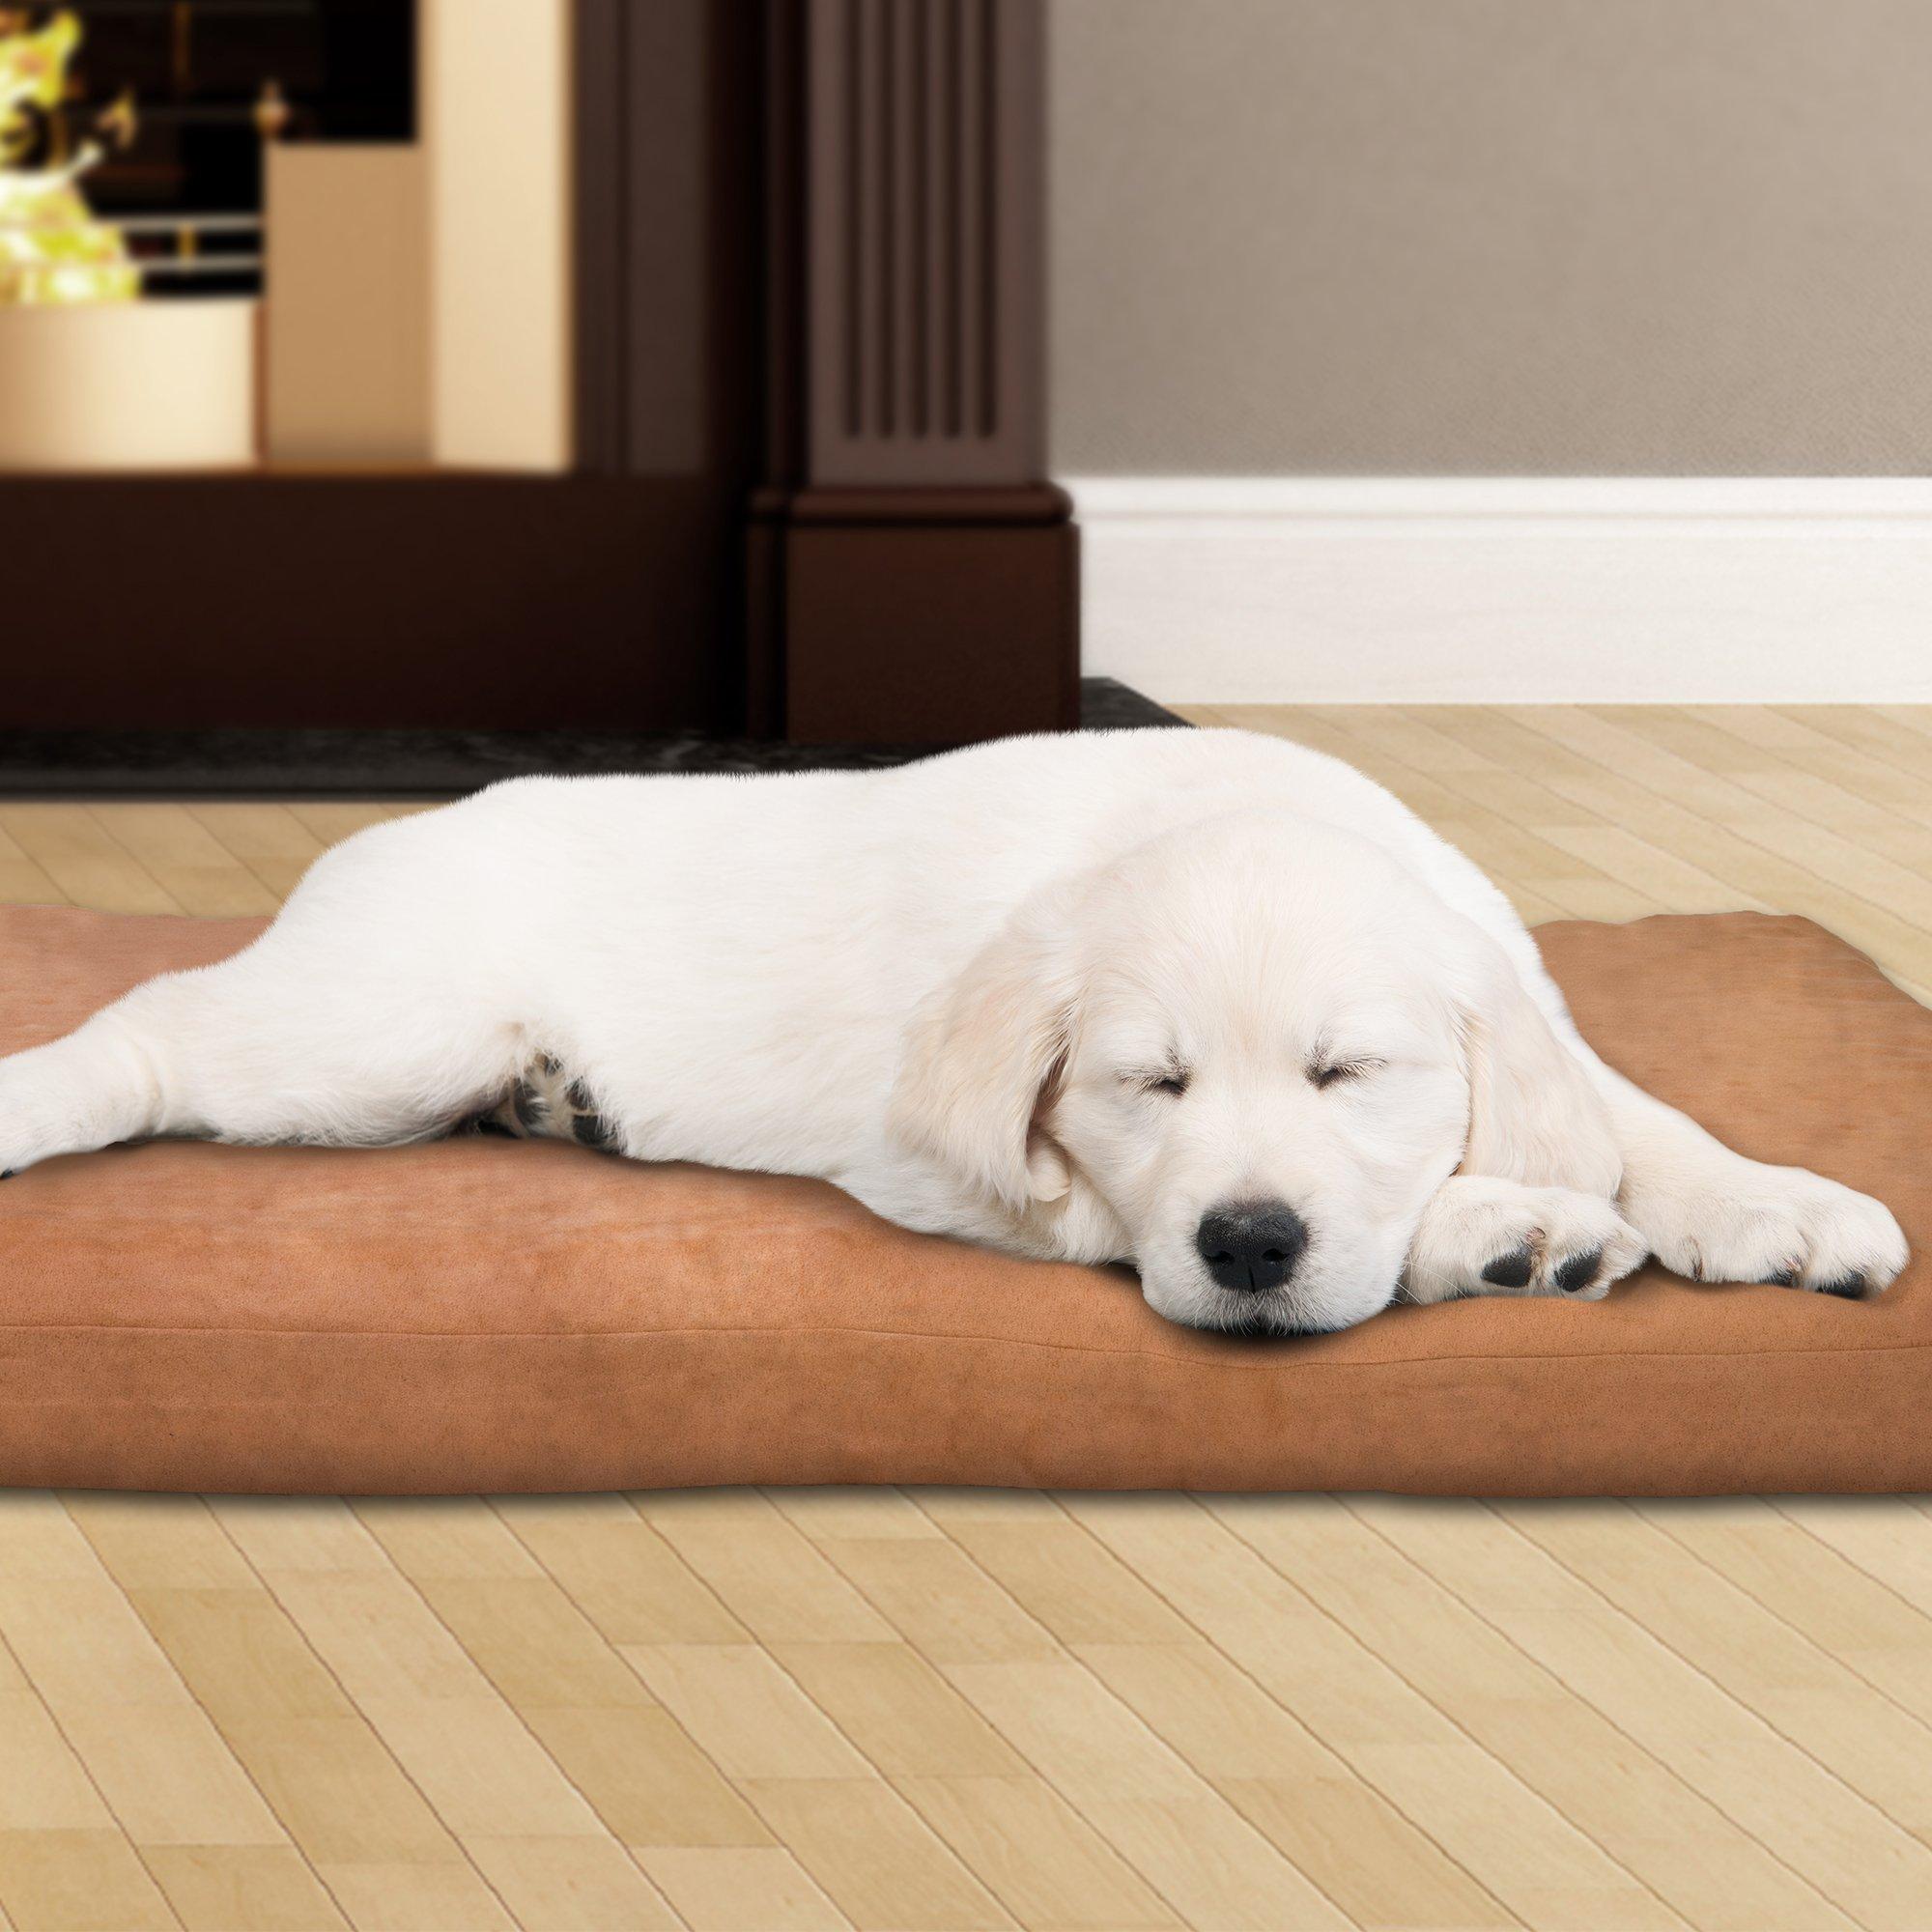 PETMAKER 80-PET4004 3'' Foam Pet Bed 35 x 44, Tan by PETMAKER